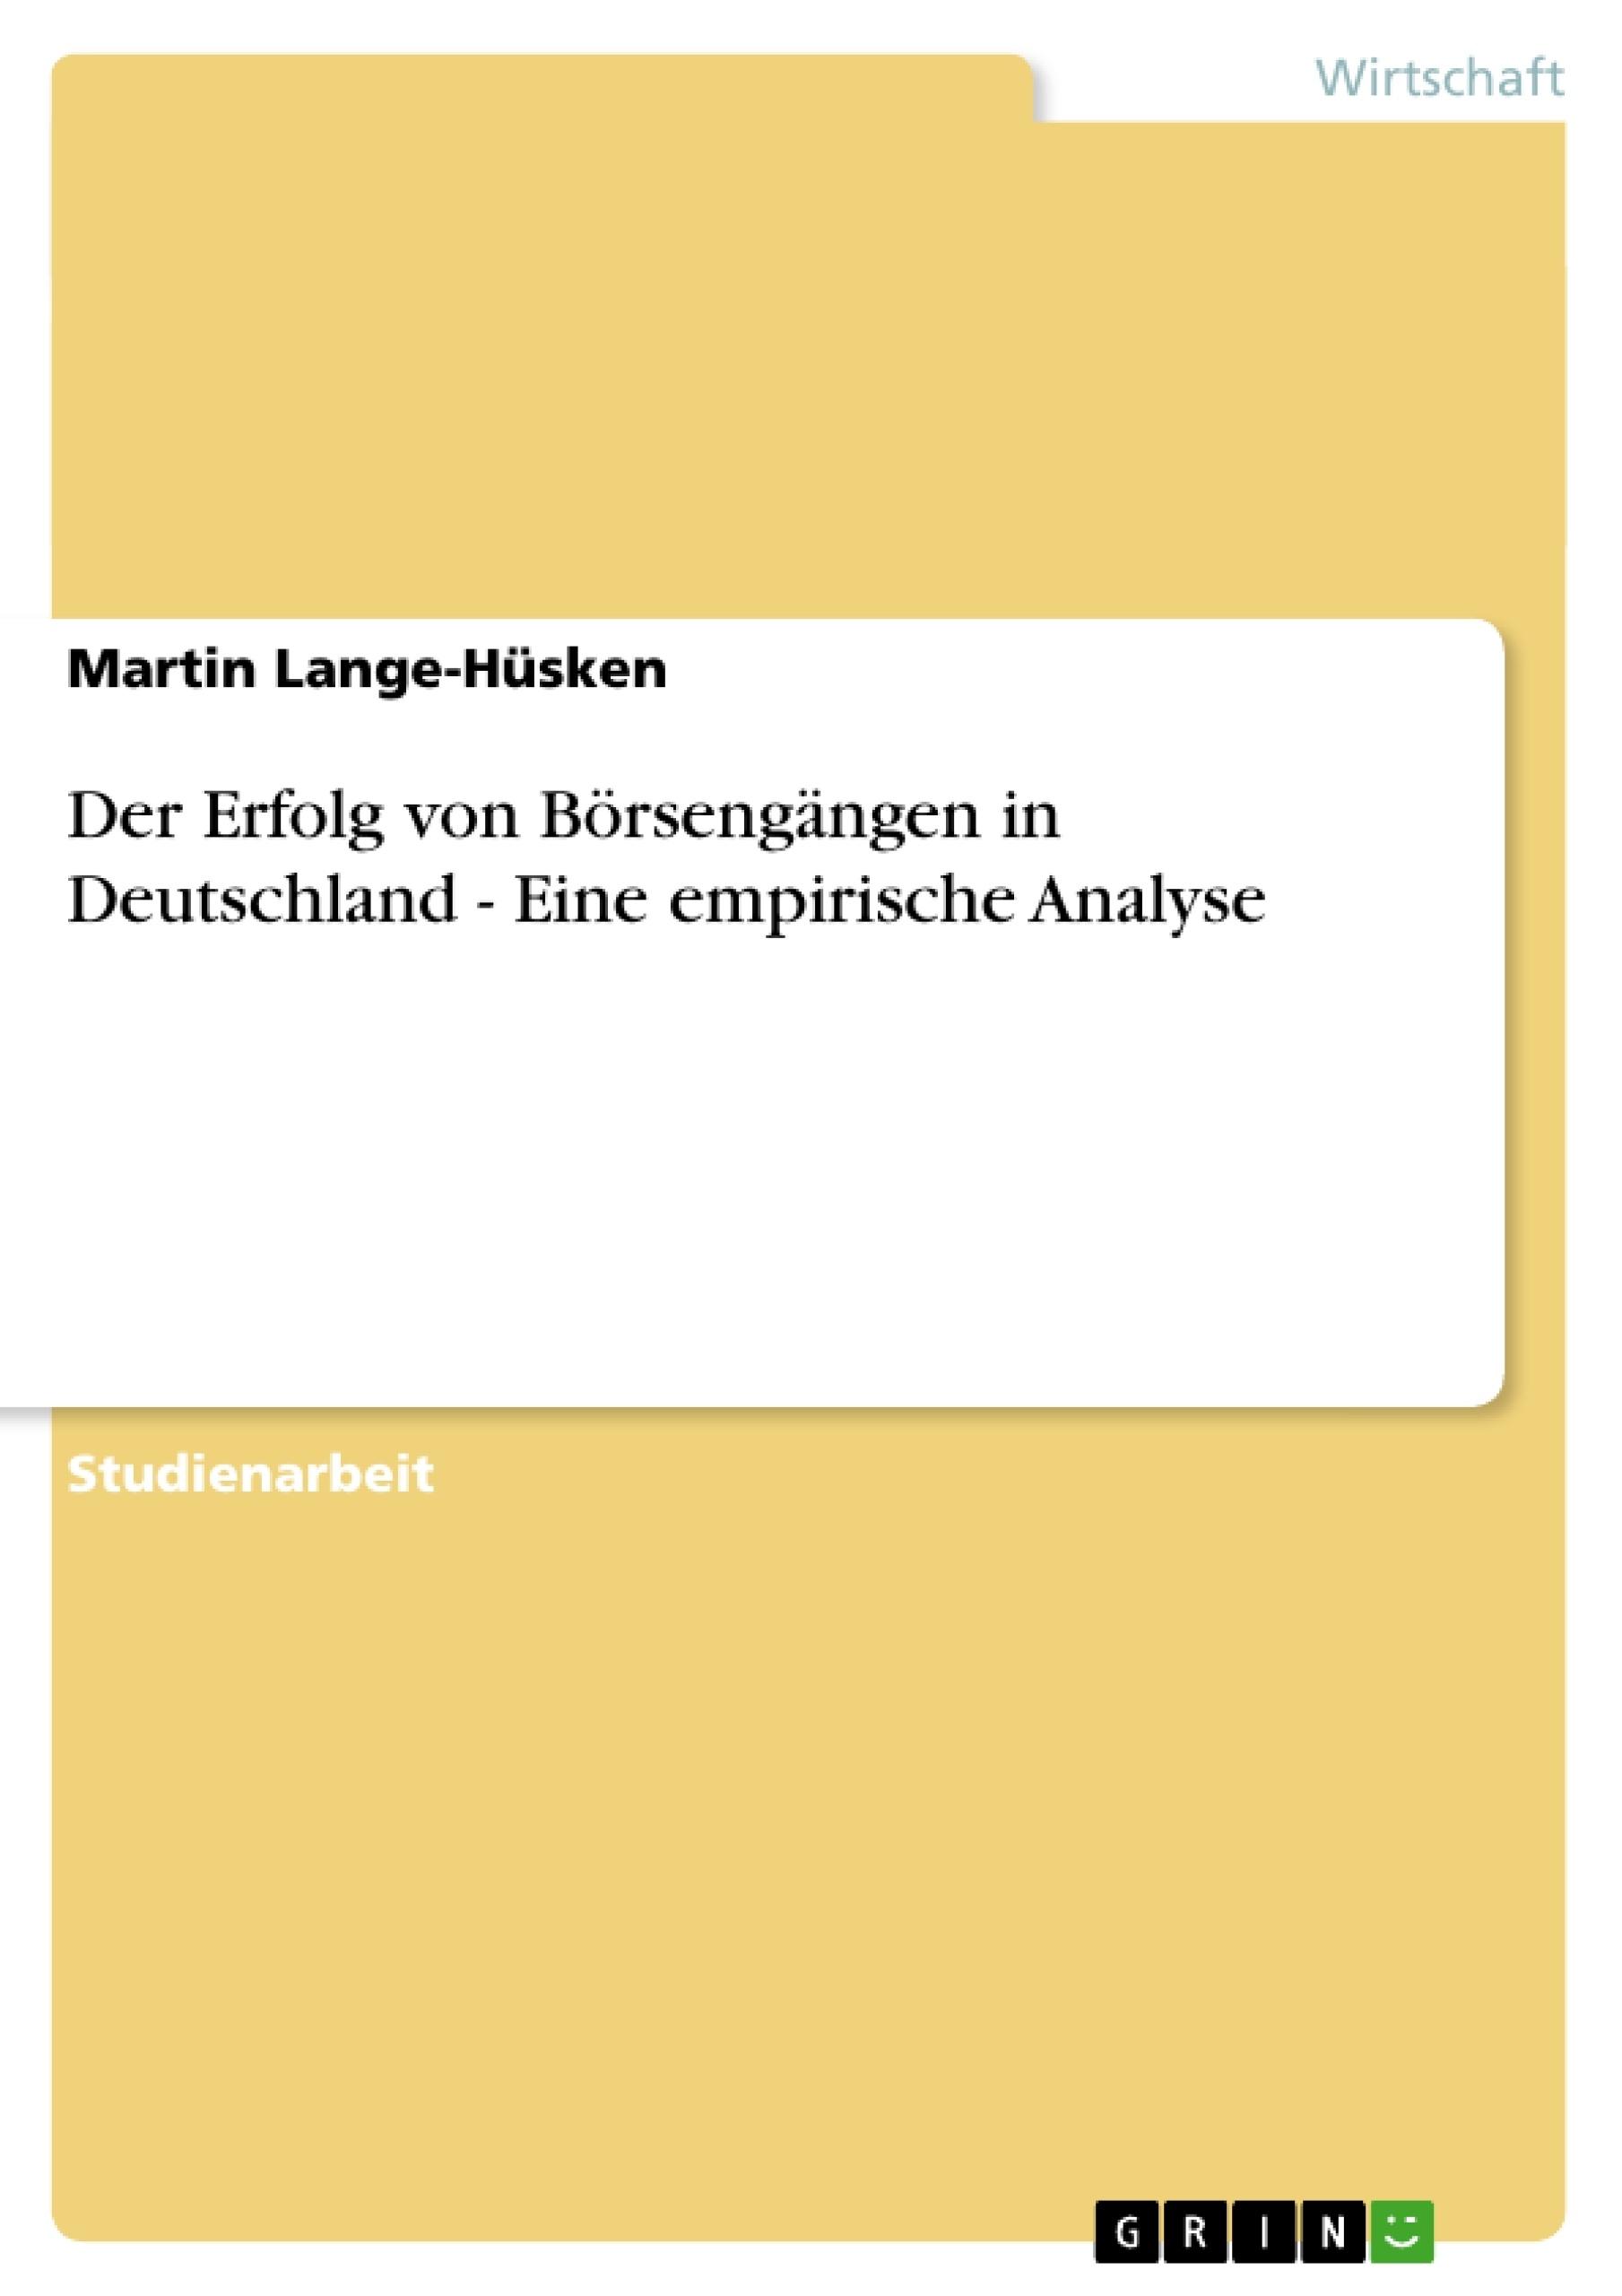 Titel: Der Erfolg von Börsengängen in Deutschland - Eine empirische Analyse